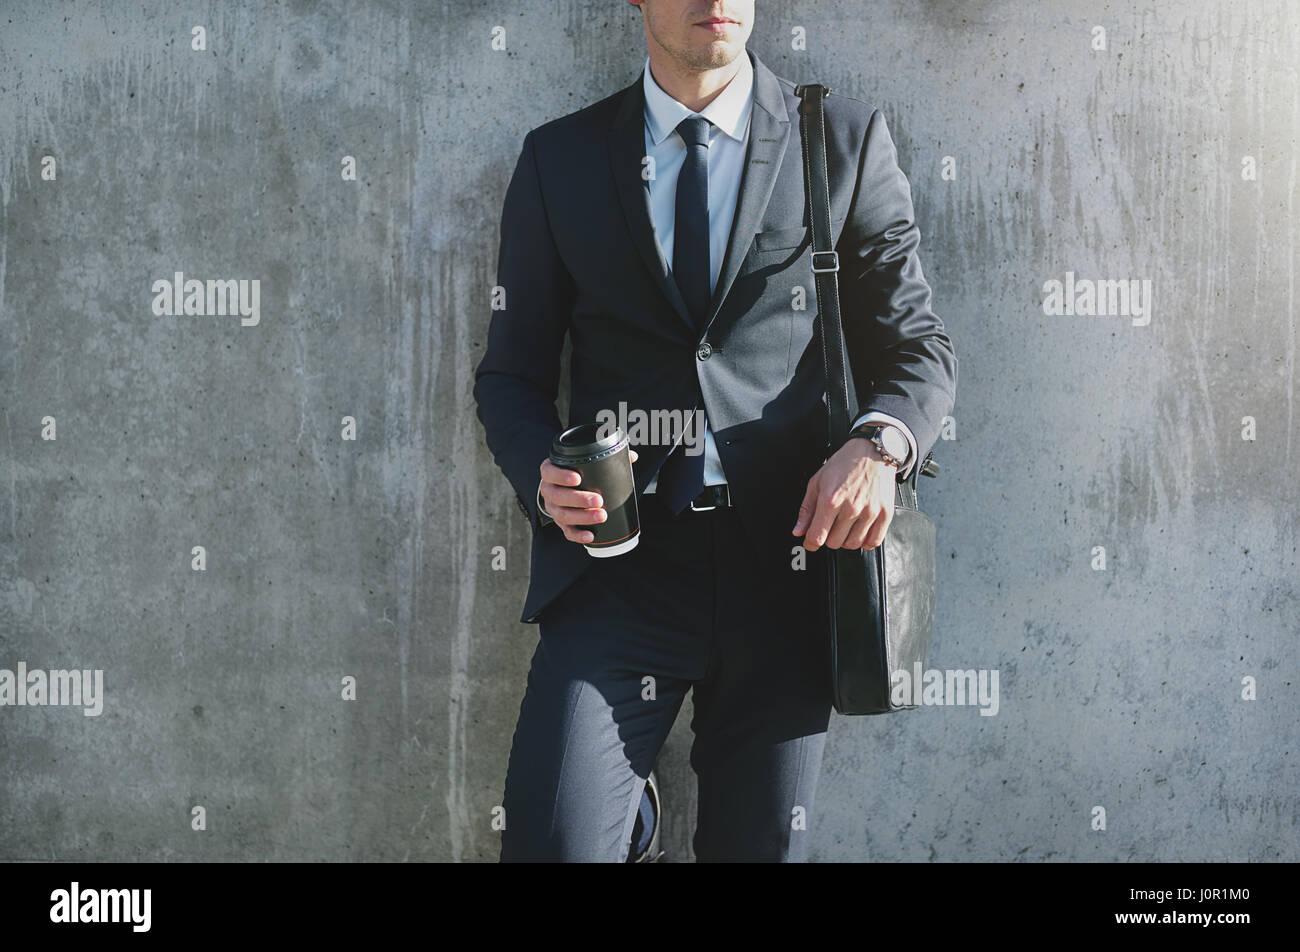 Stilvolle moderne Geschäftsmann stand an der grauen Wand und hält eine Tasse Kaffee. Stockbild